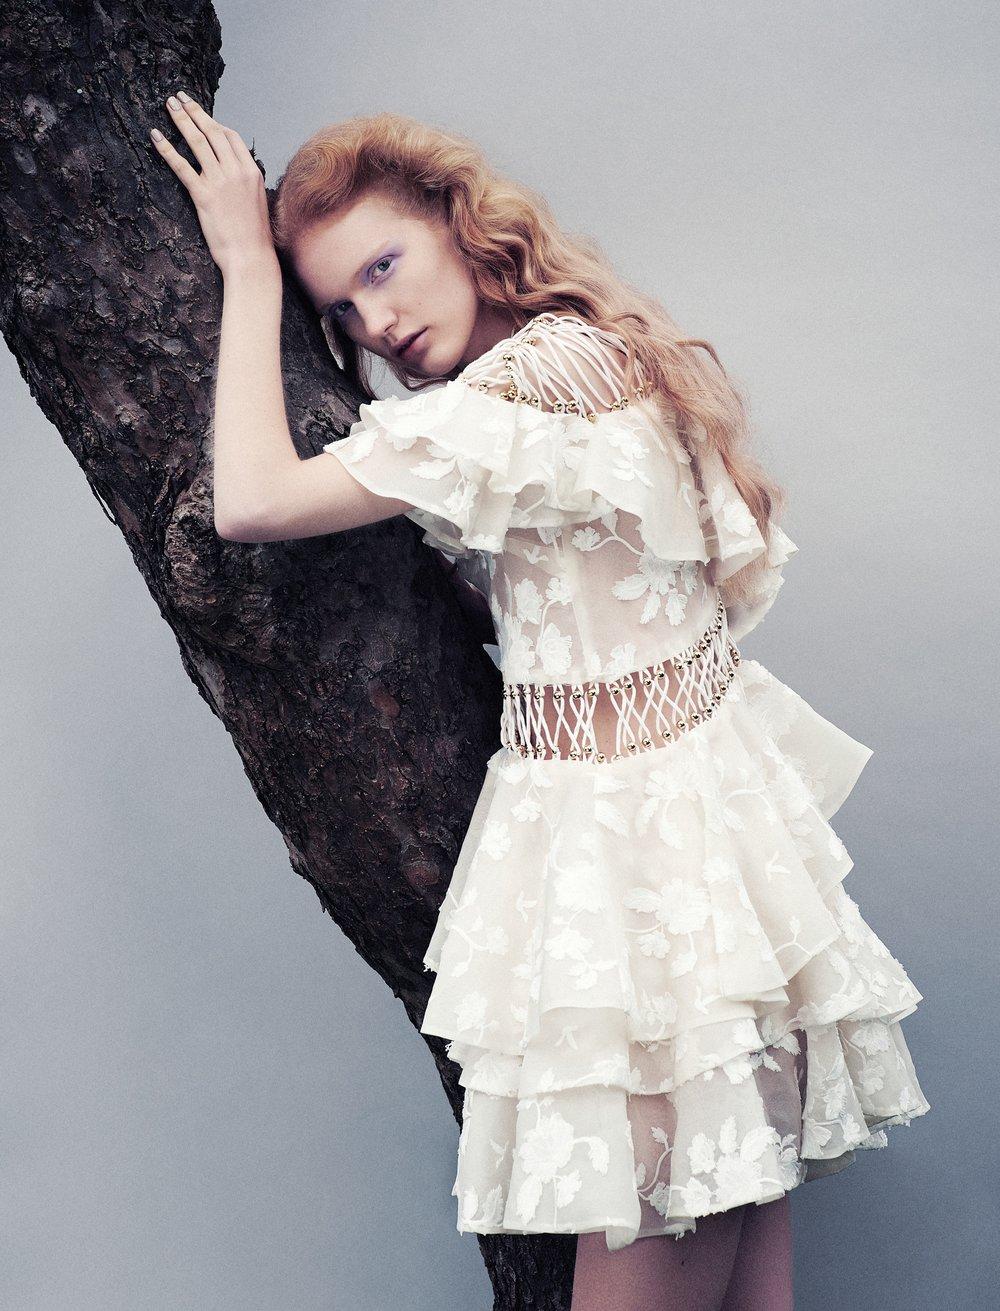 Dress: Zimmermann